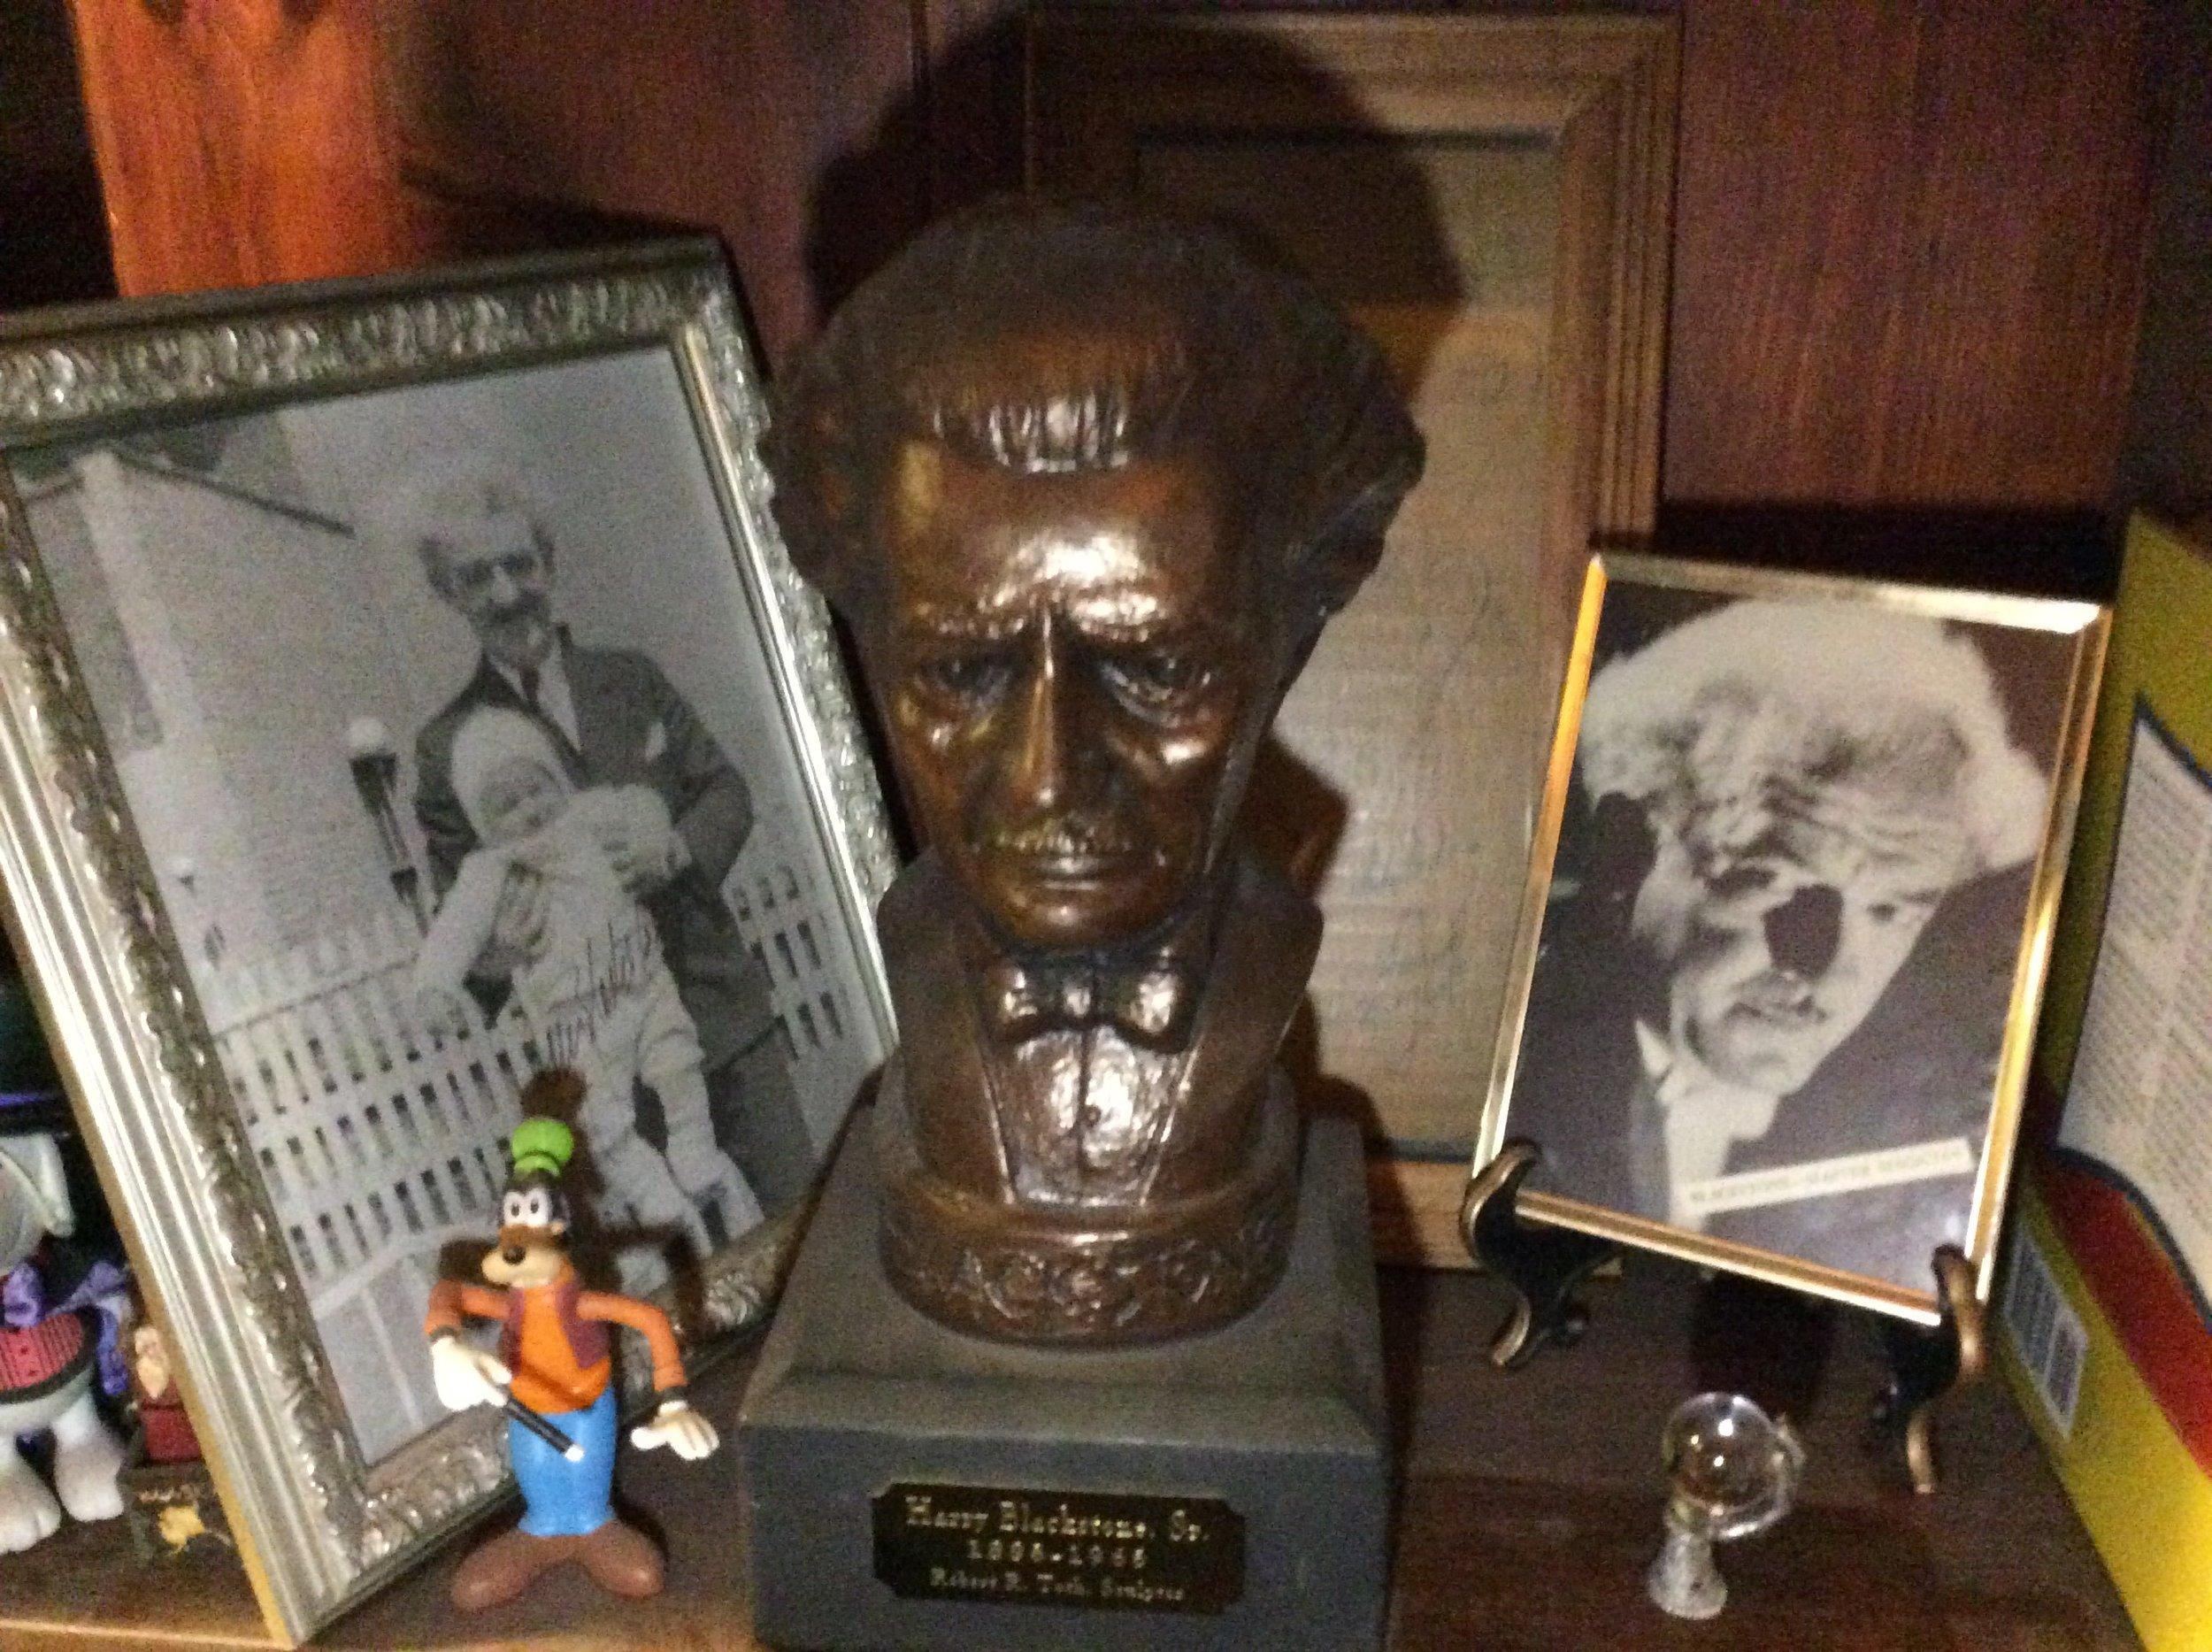 Harry Blackstone, Sr. memorabilia